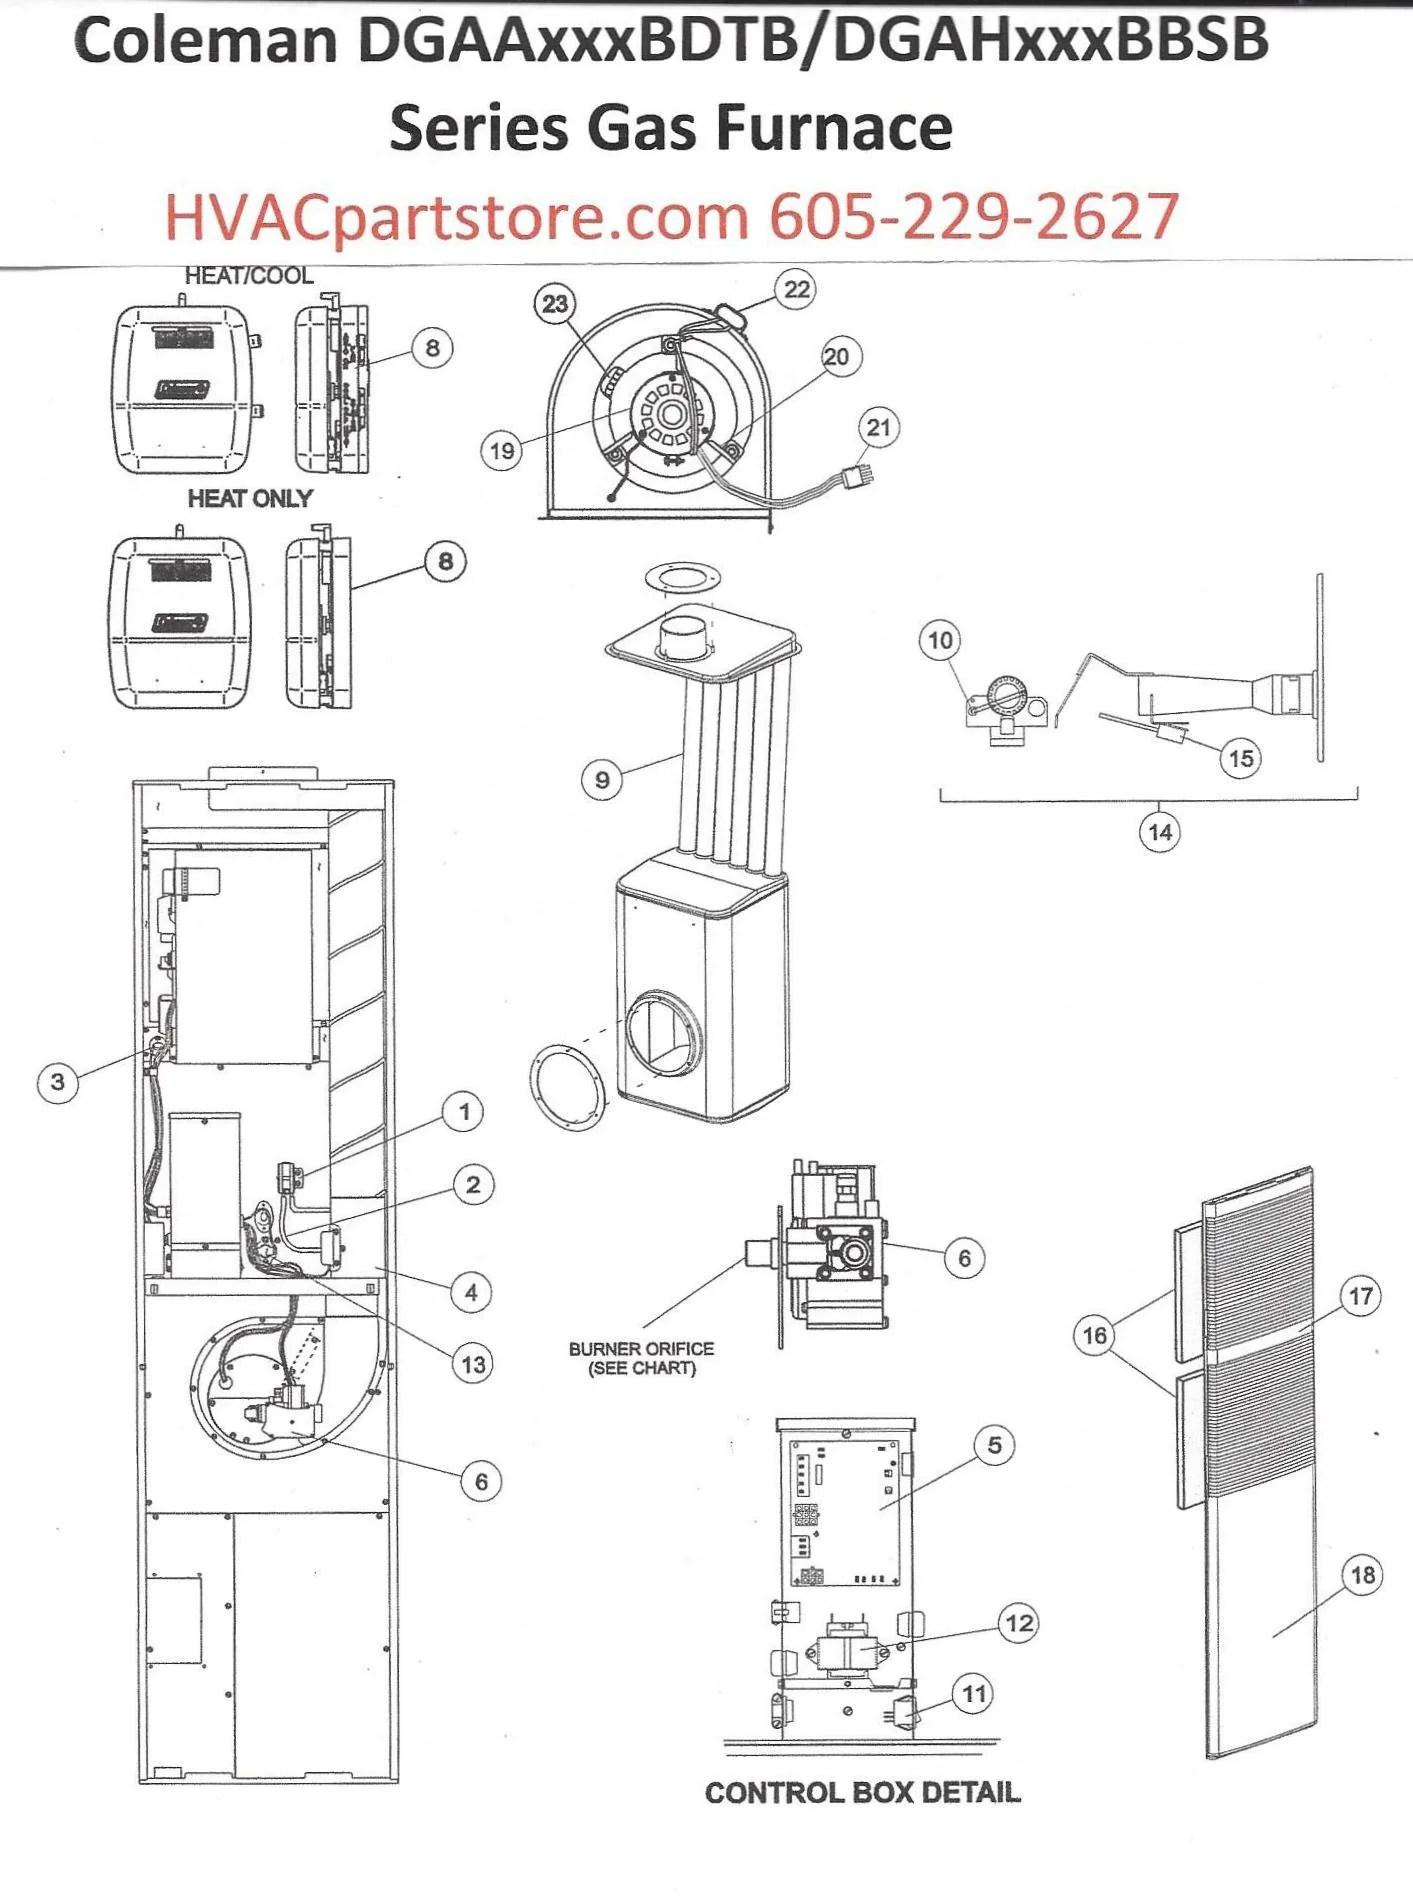 dgaa077bdtb coleman gas furnace parts [ 1413 x 1903 Pixel ]